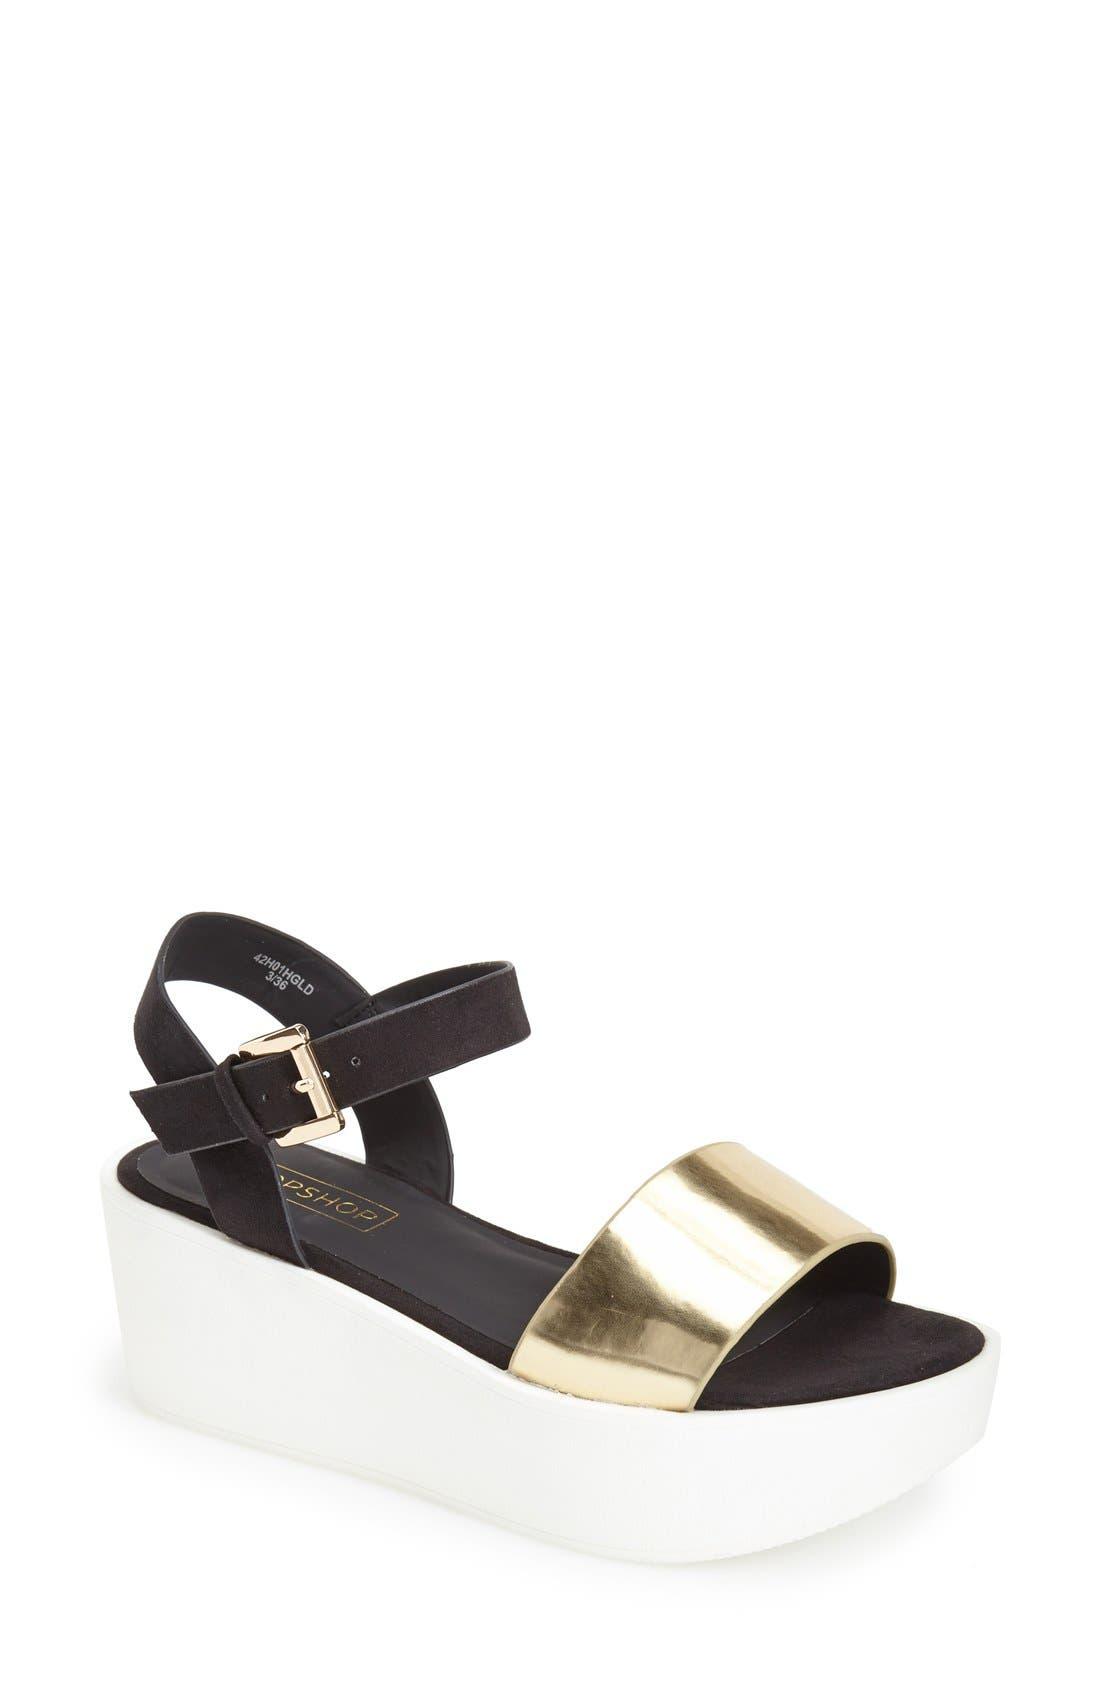 Alternate Image 1 Selected - Topshop 'Honey' Ankle Strap Wedge Platform Sandal (Women)